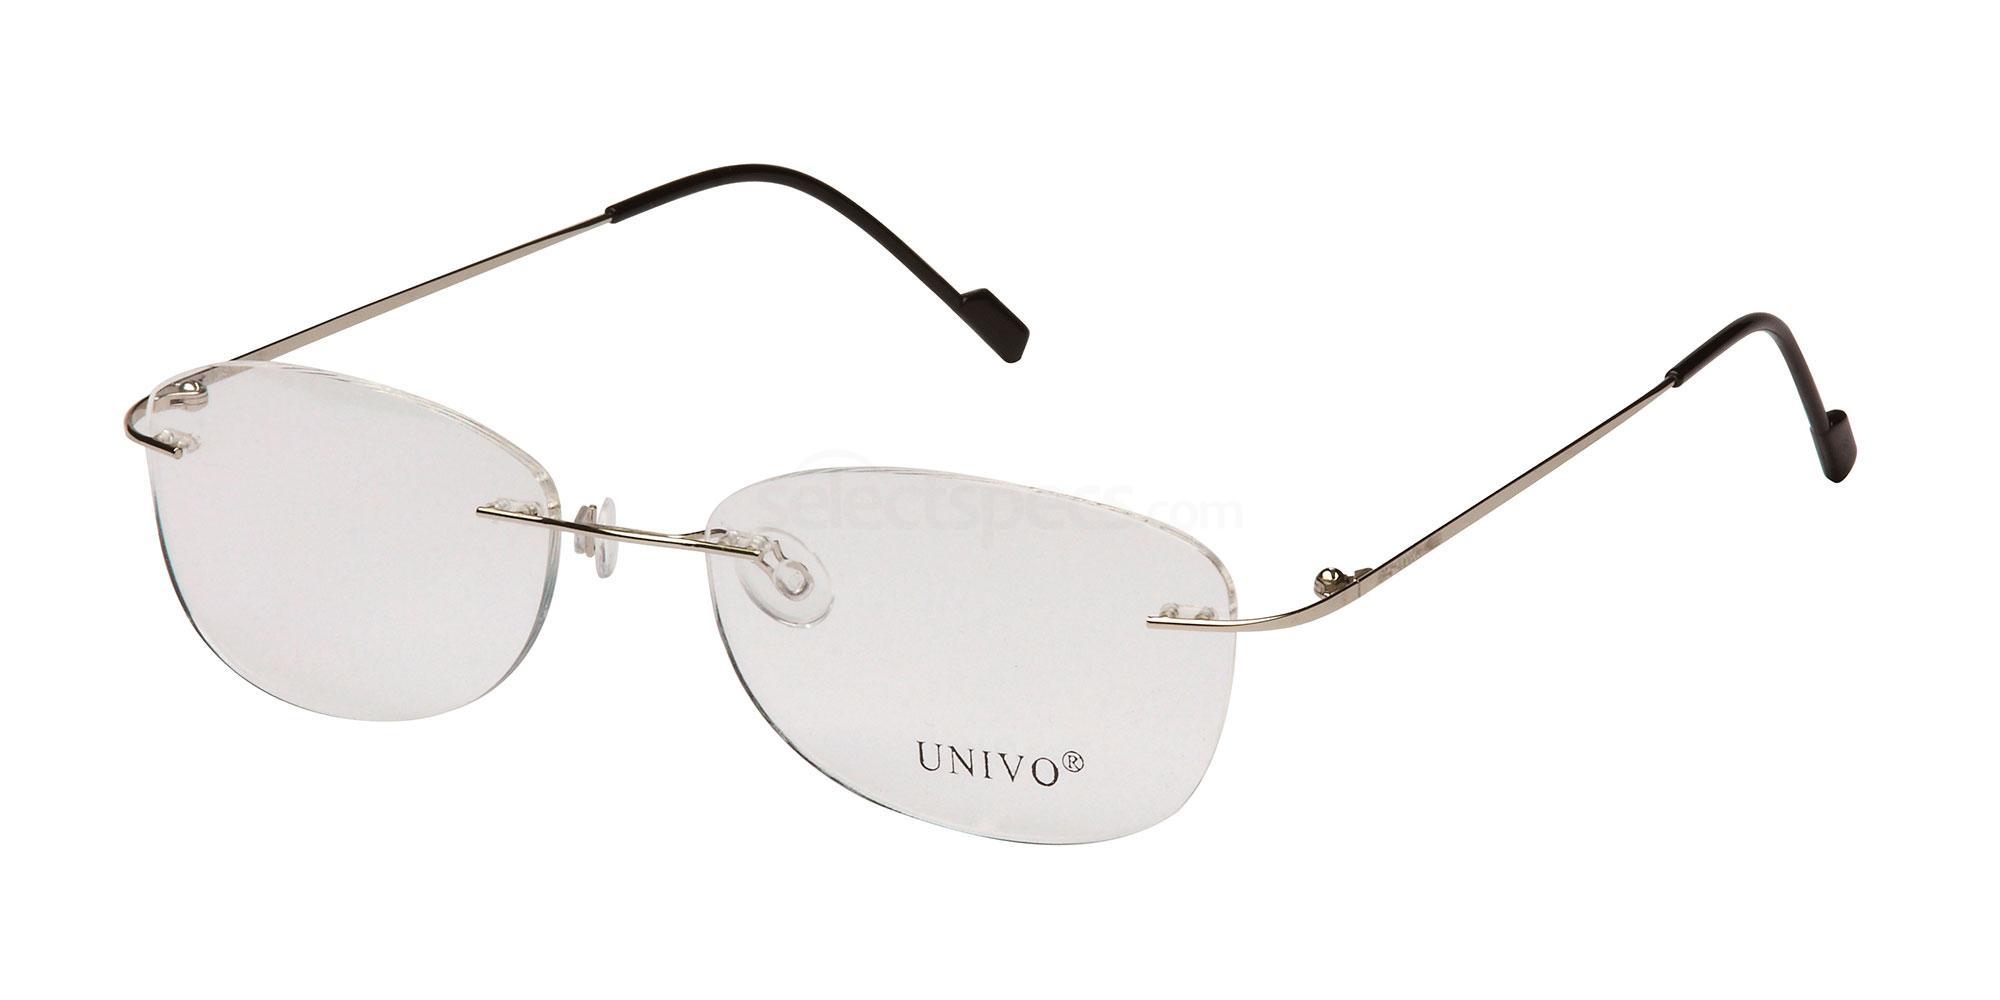 C1 U613 Glasses, Univo